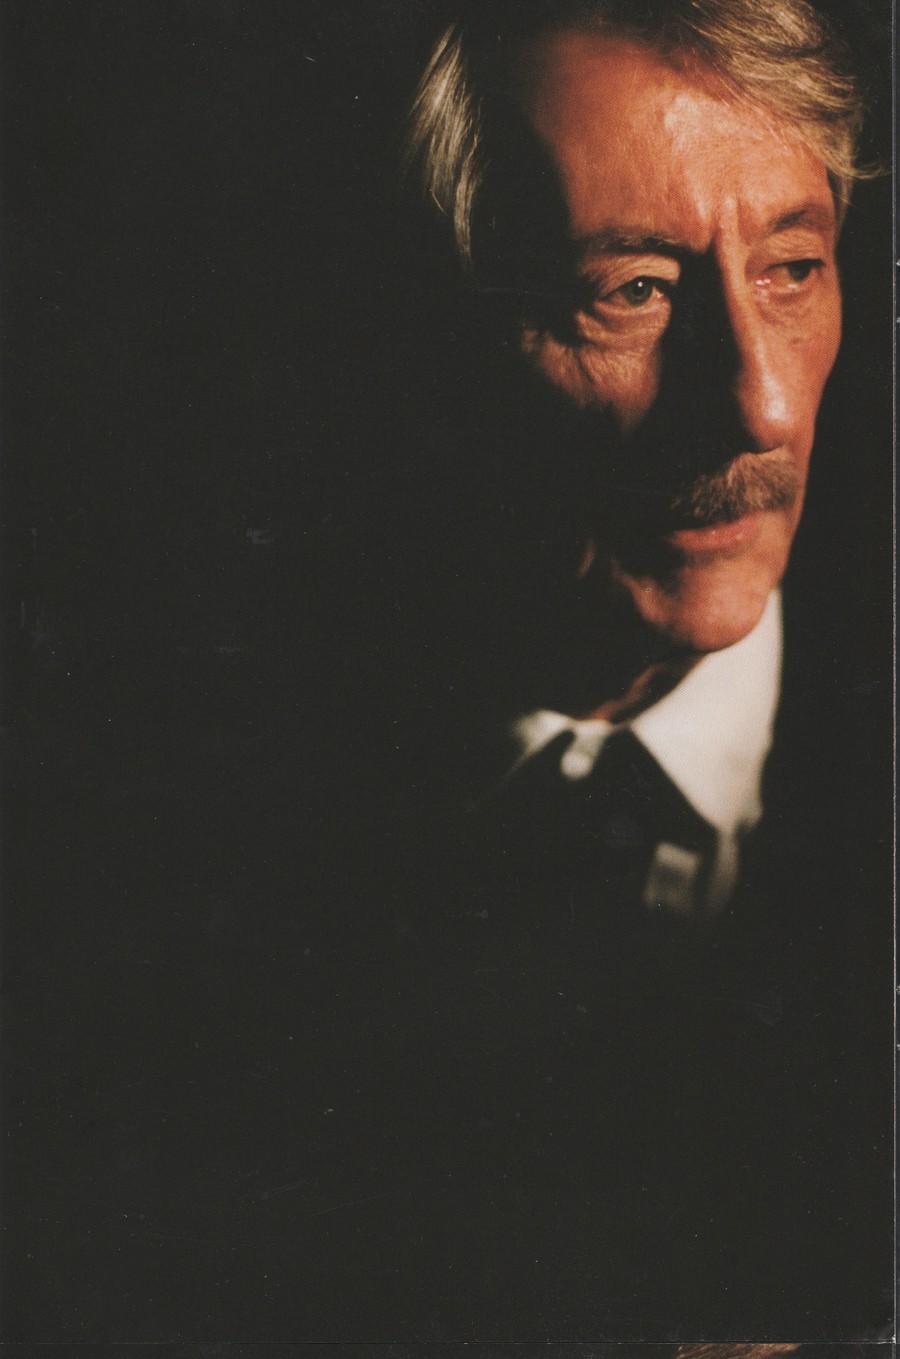 LES FILMS DE JOHNNY 'L'HOMME DU TRAIN' 2002 Img_2740